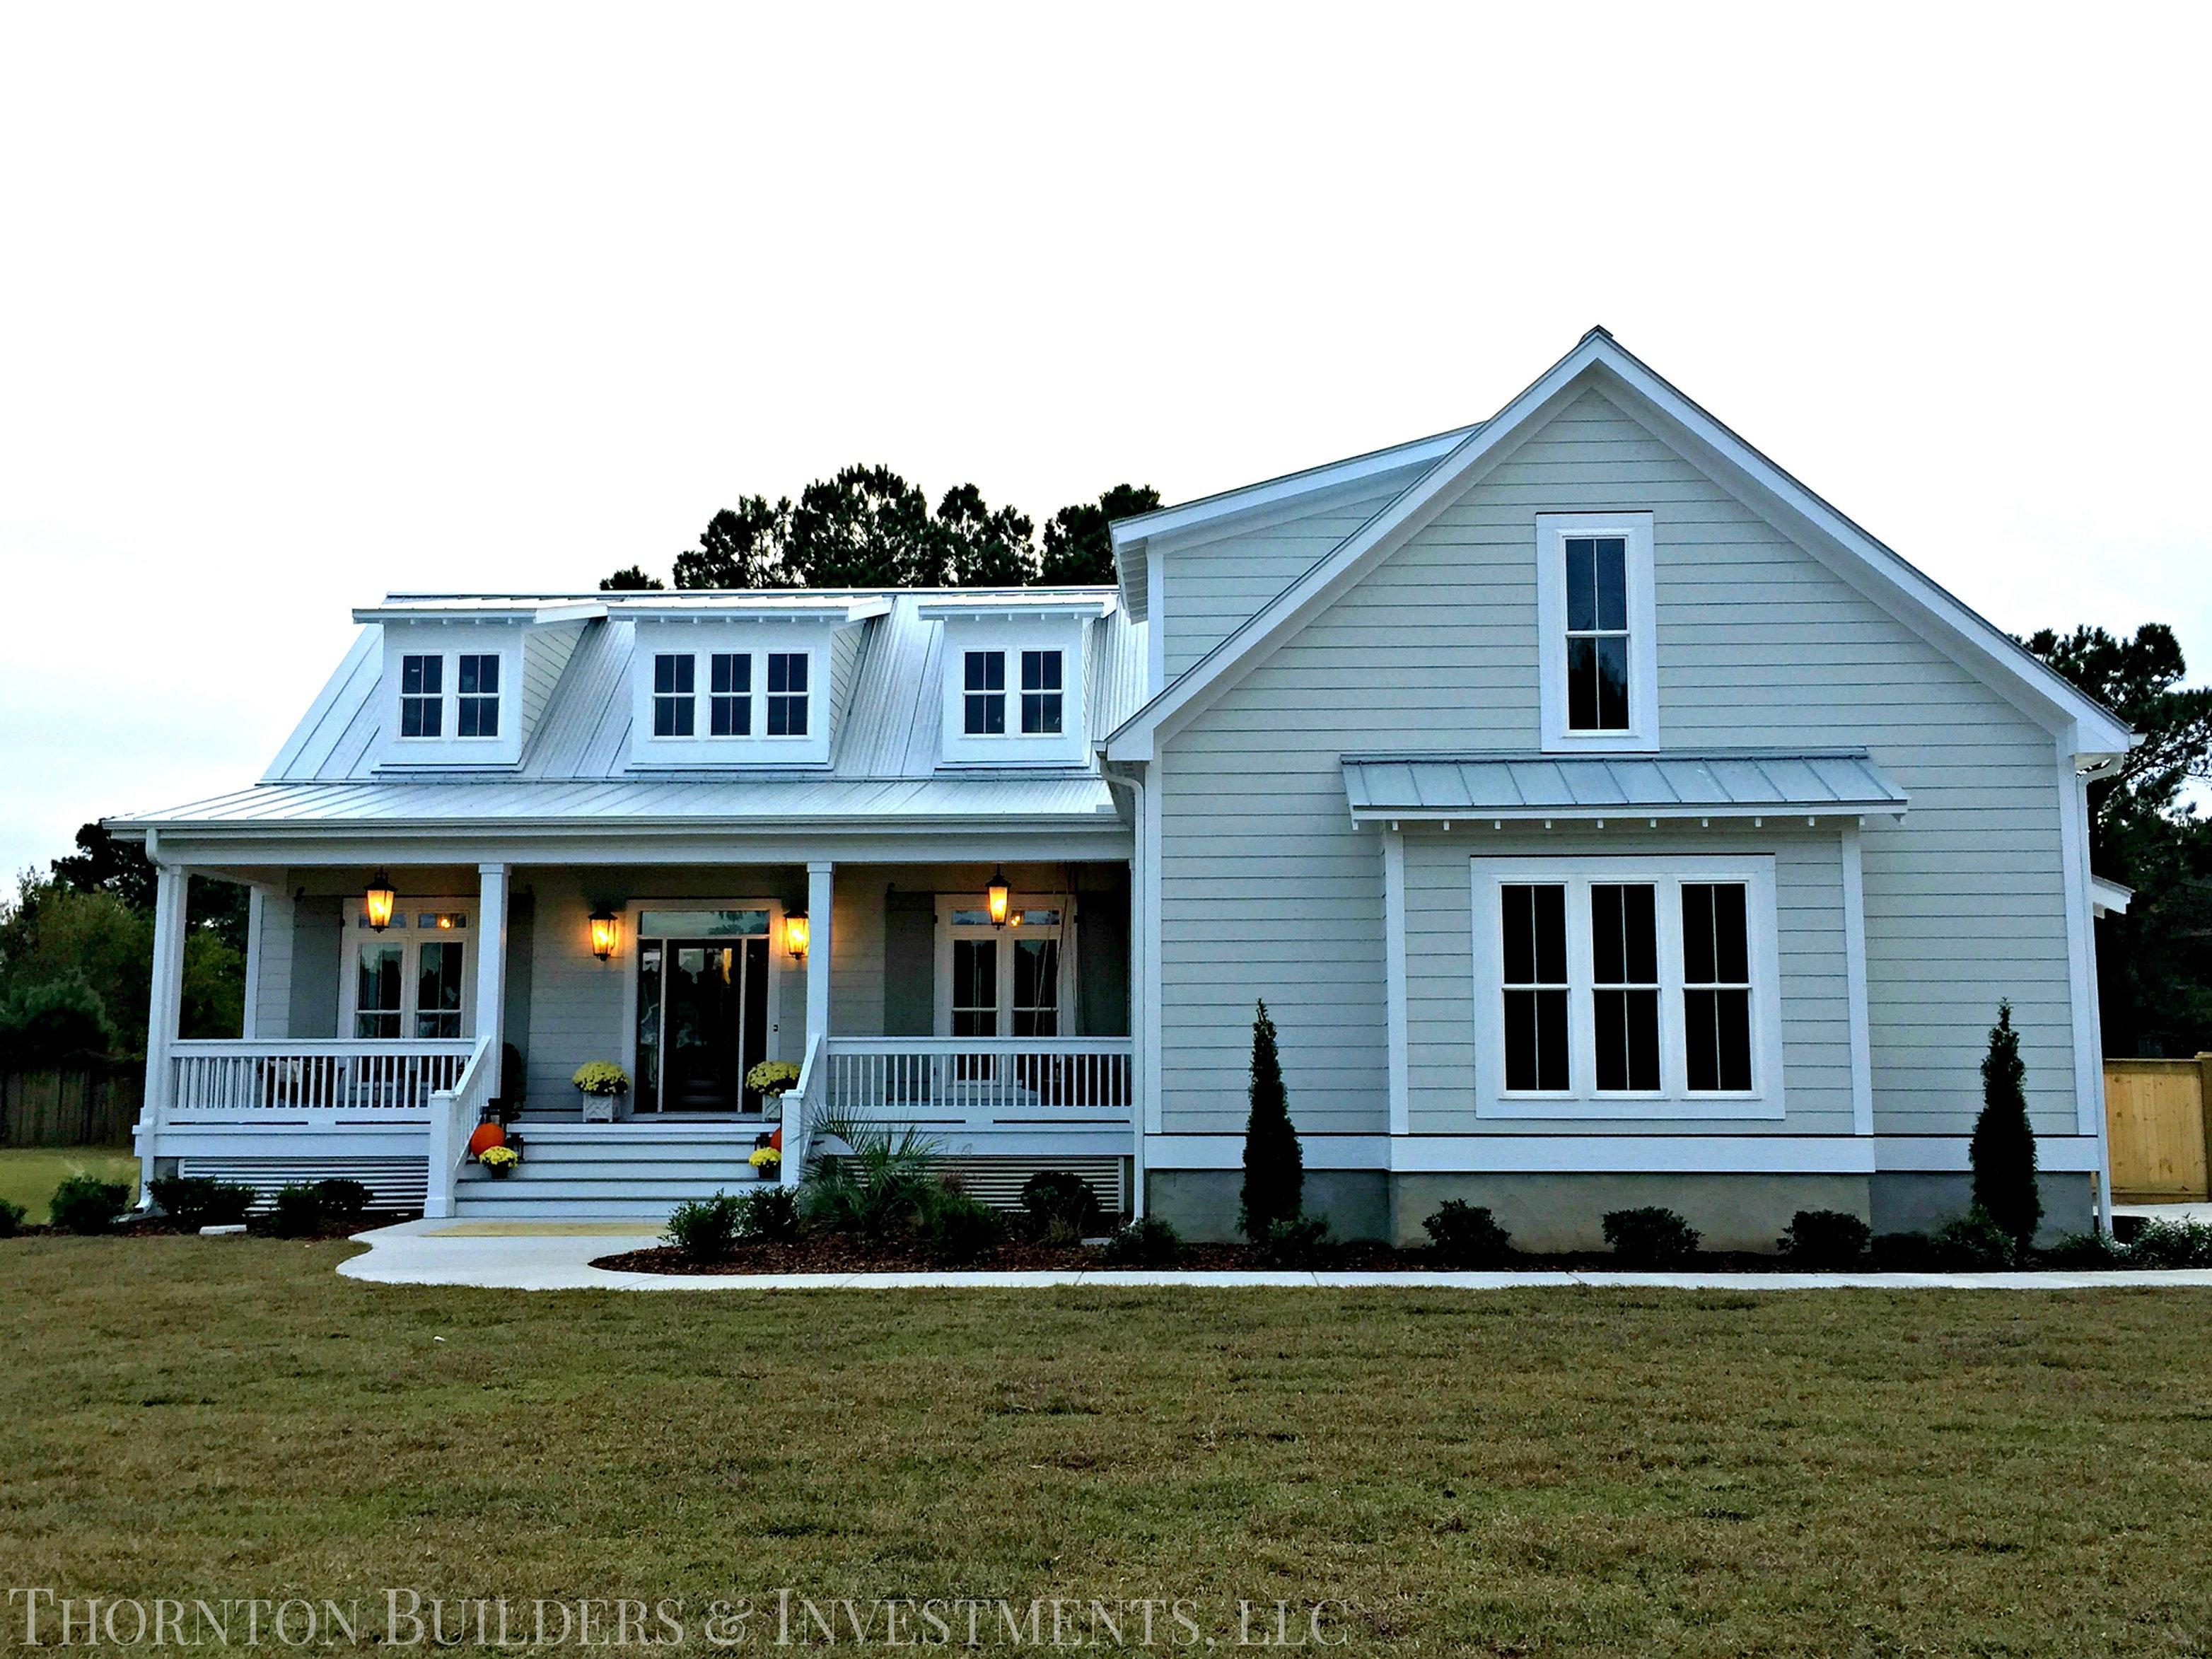 Texas Farmhouse Plans Unique Home Plans Designs Images